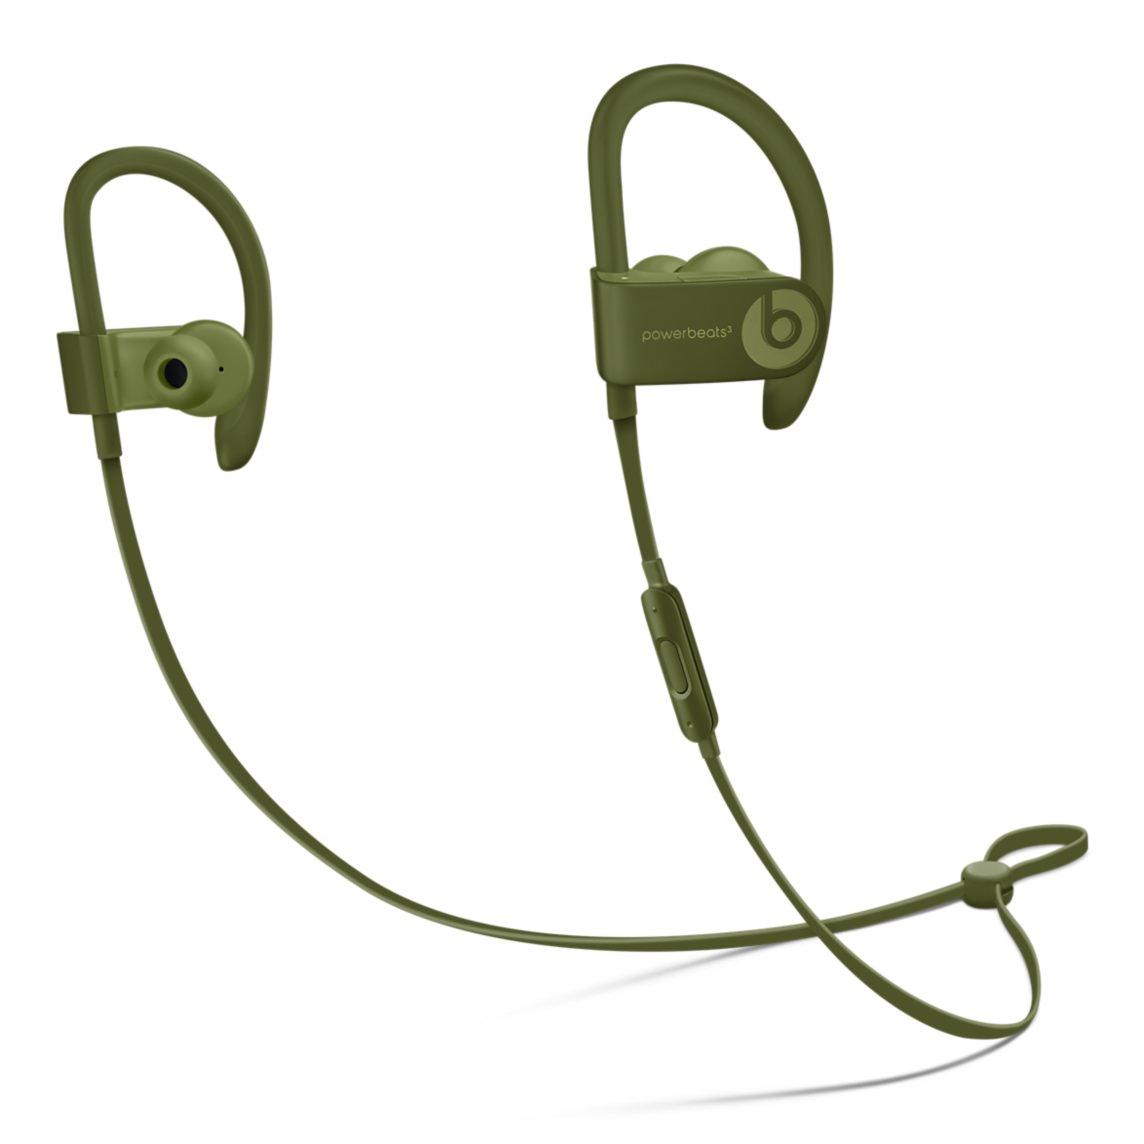 Powerbetas3-Wireless-1